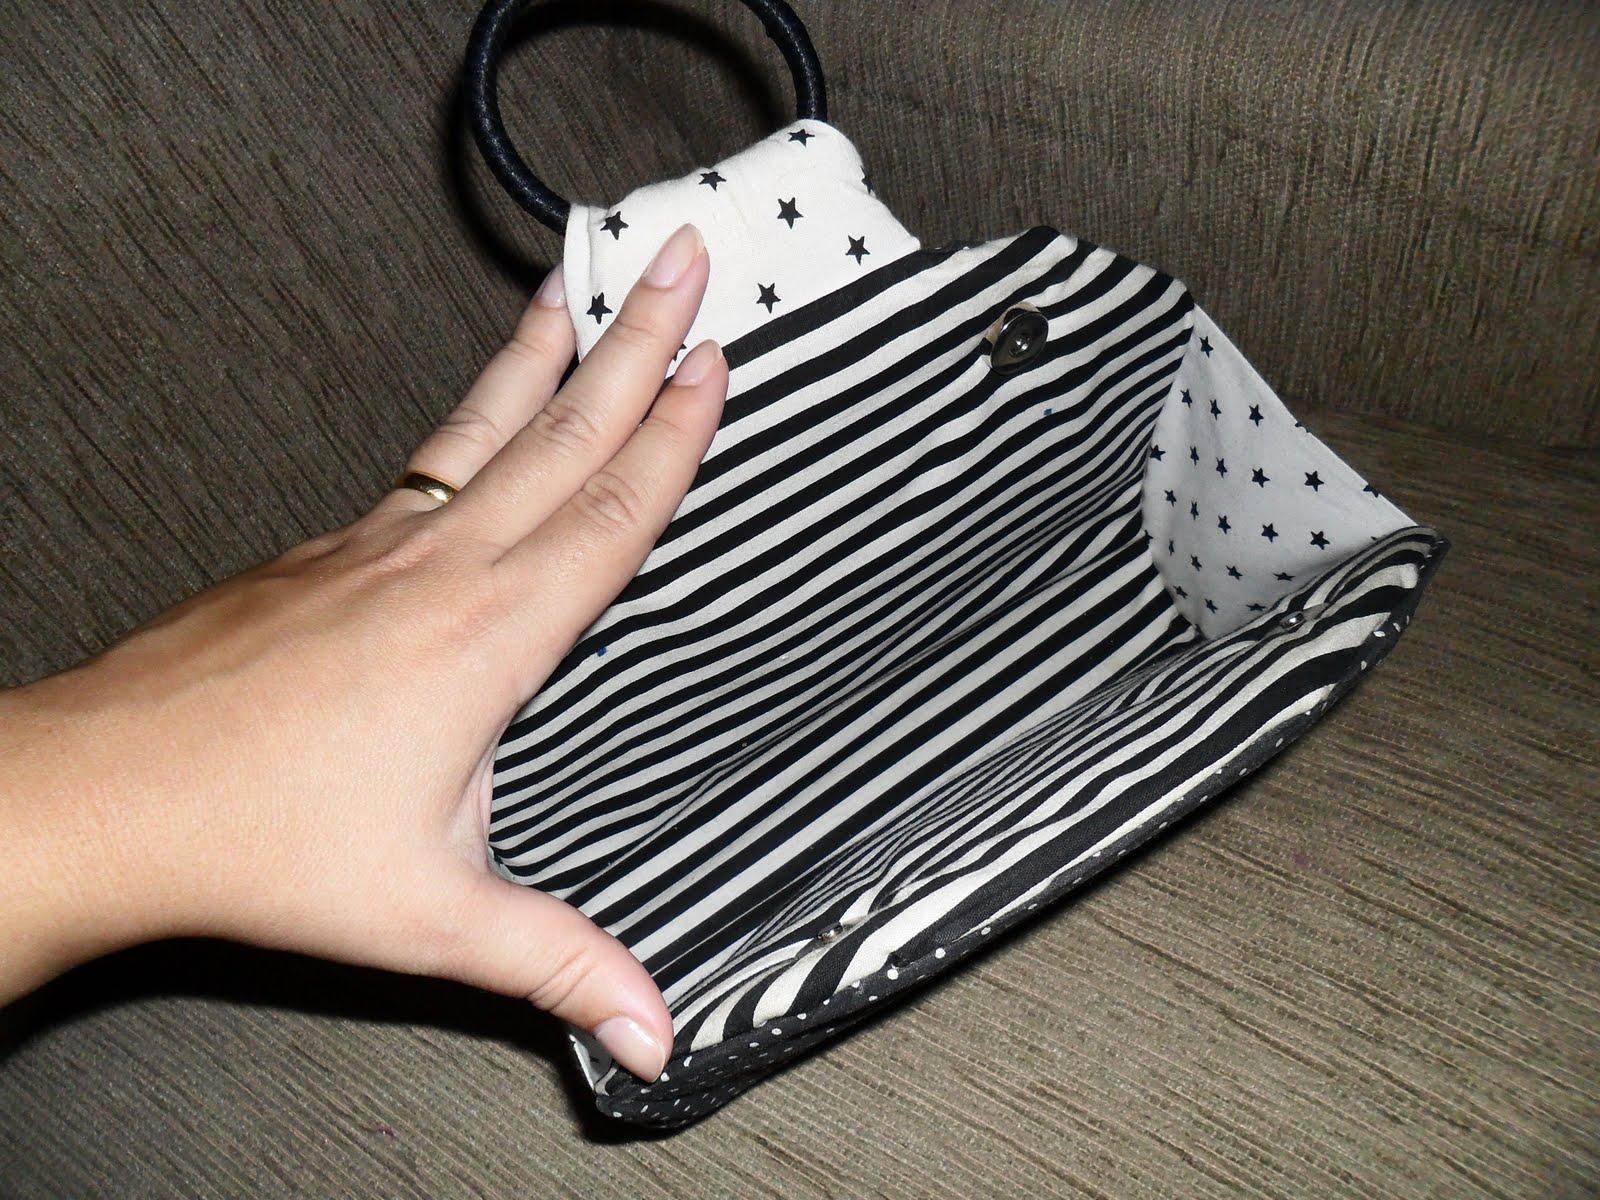 Bolsa De Tecido Forrada : Personalizados da taty bolsa de m?o forrada em tecido